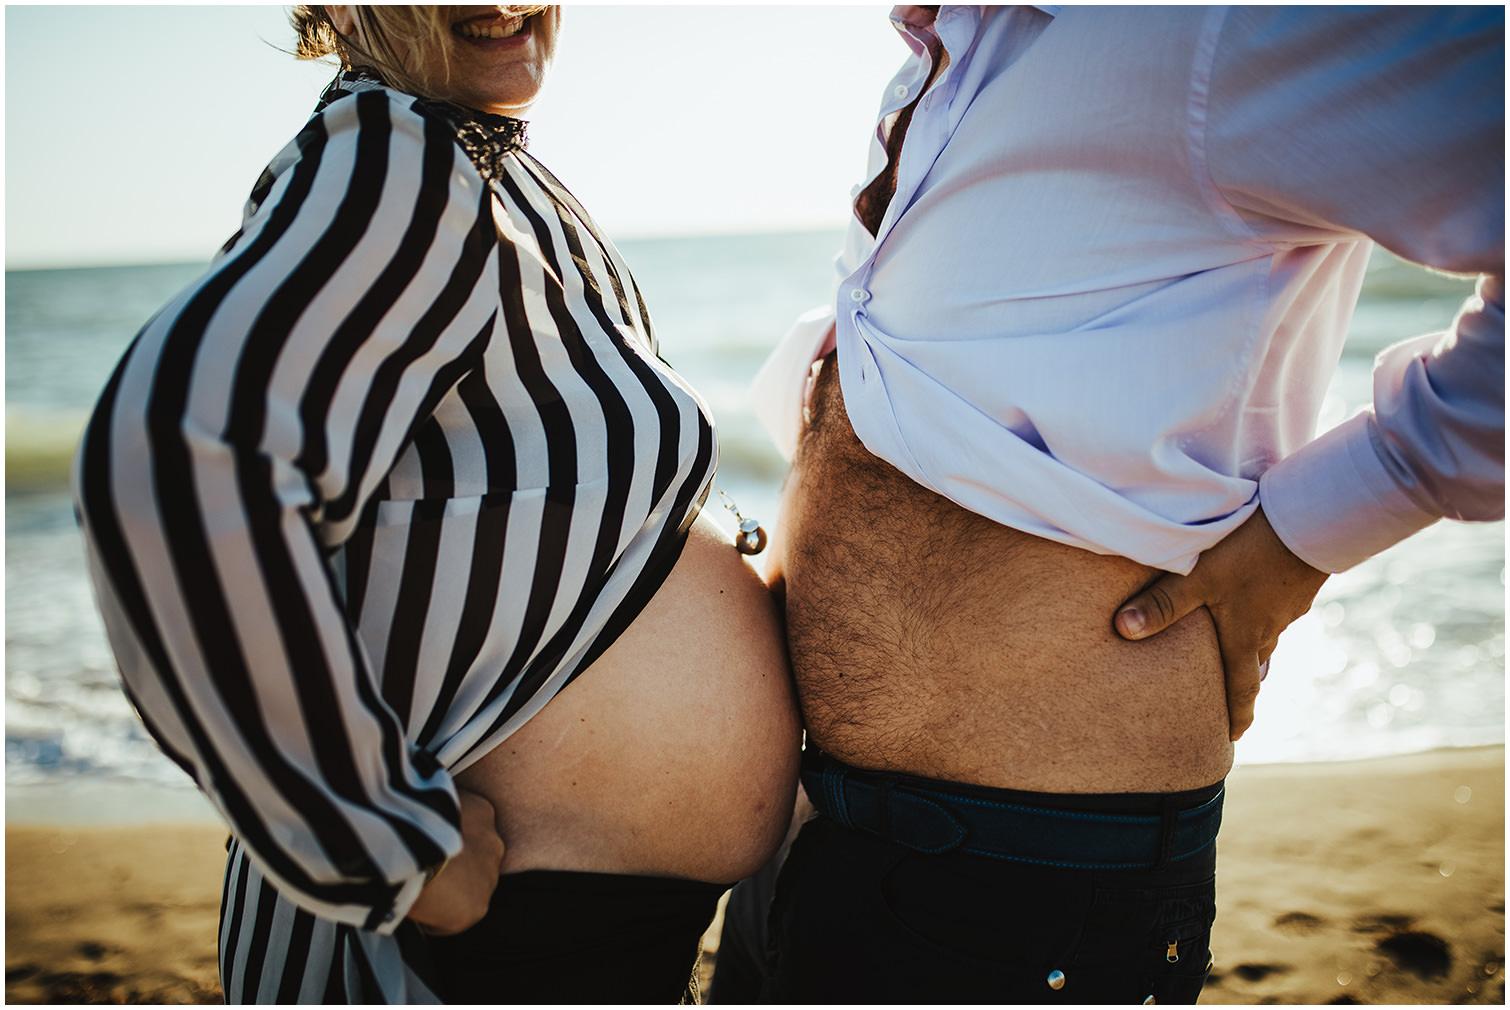 rosi-miche-maternity-session-sara-lorenzoni-fotografia-arezzo-grosseto-fotografo-matrimonio-17